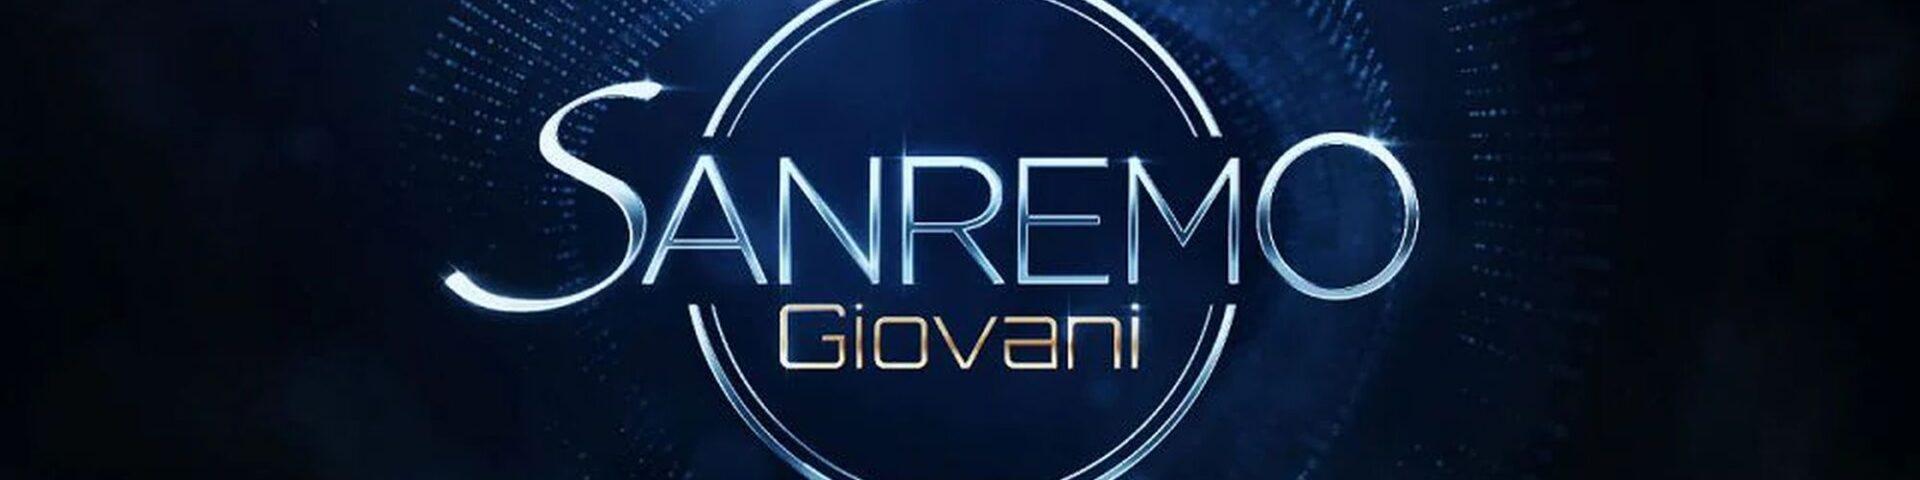 Sanremo Giovani 2021: il regolamento ufficiale per il Festival 2022